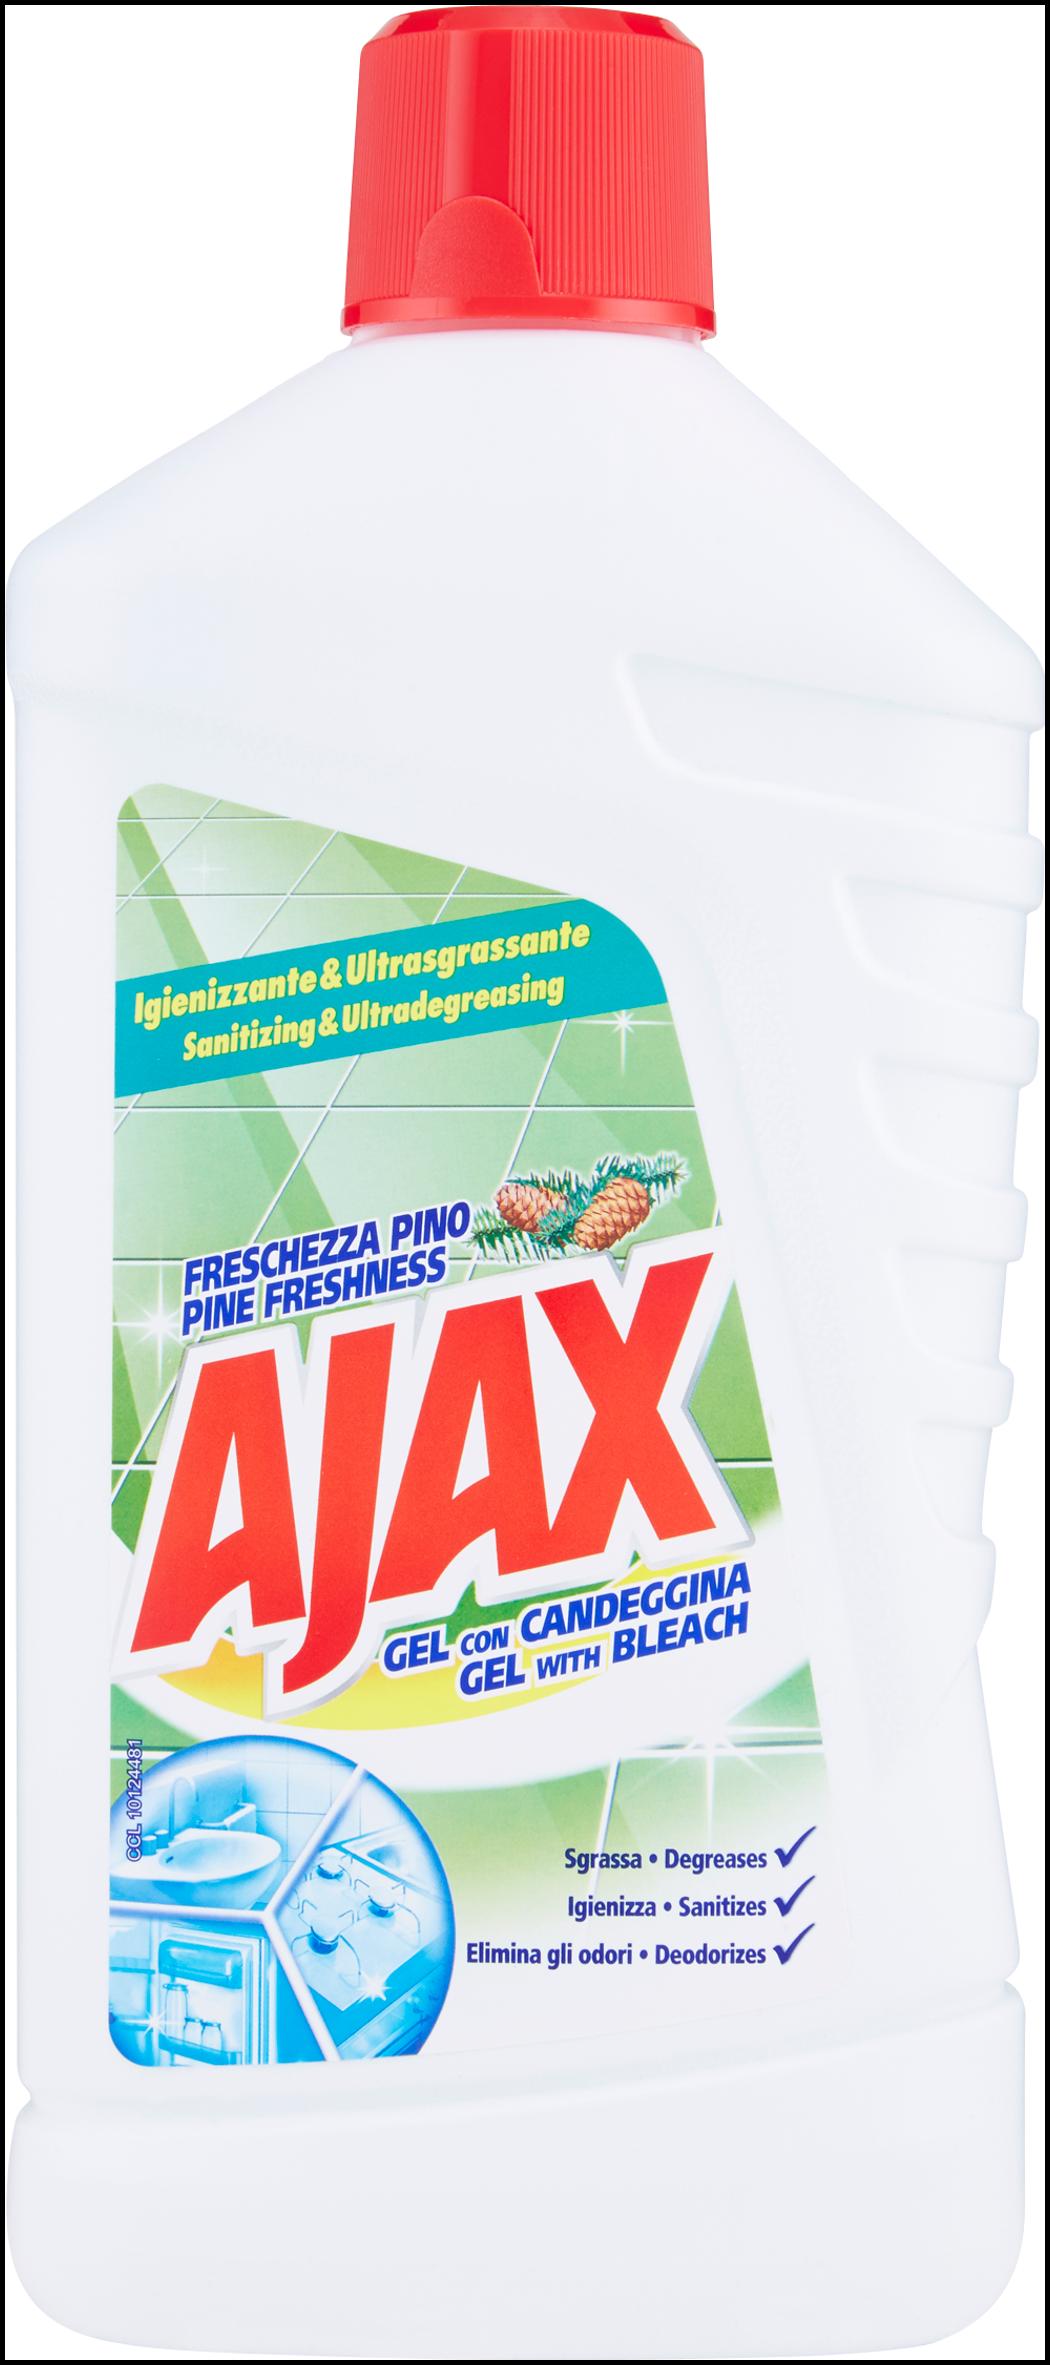 CREMA AIAX GEL CON CANDEGGINA  1 L.